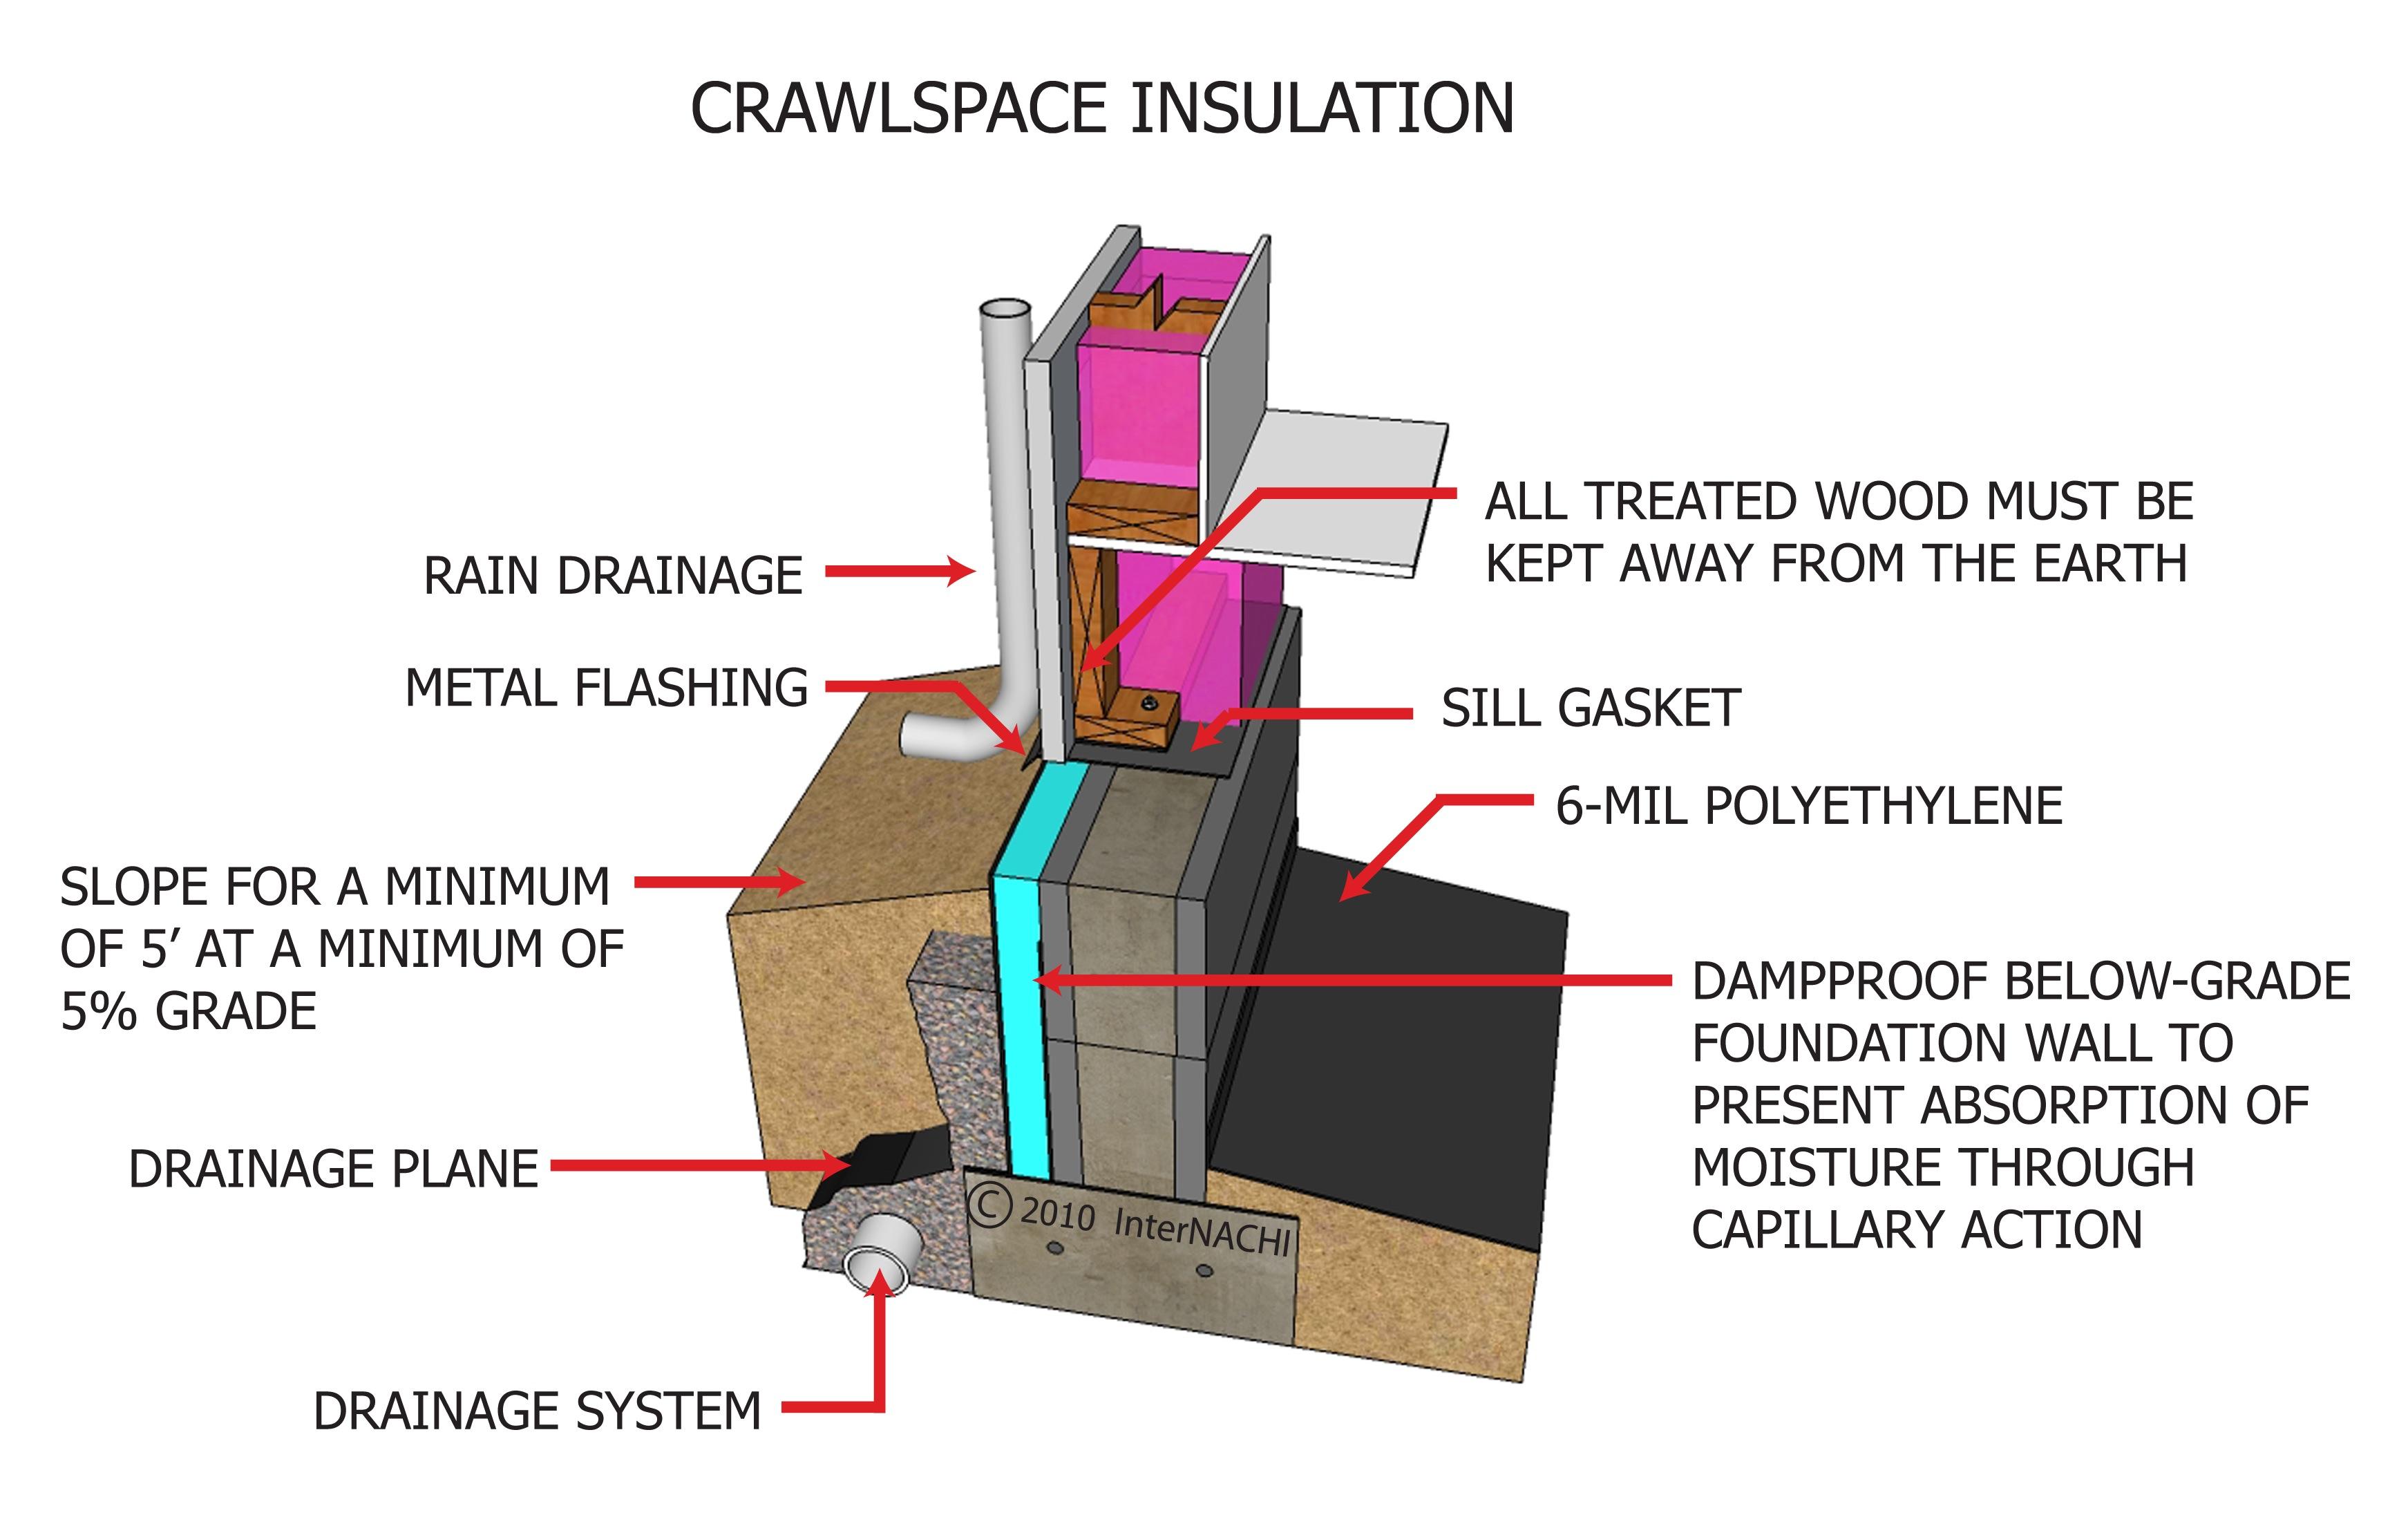 Crawlspace insulation.